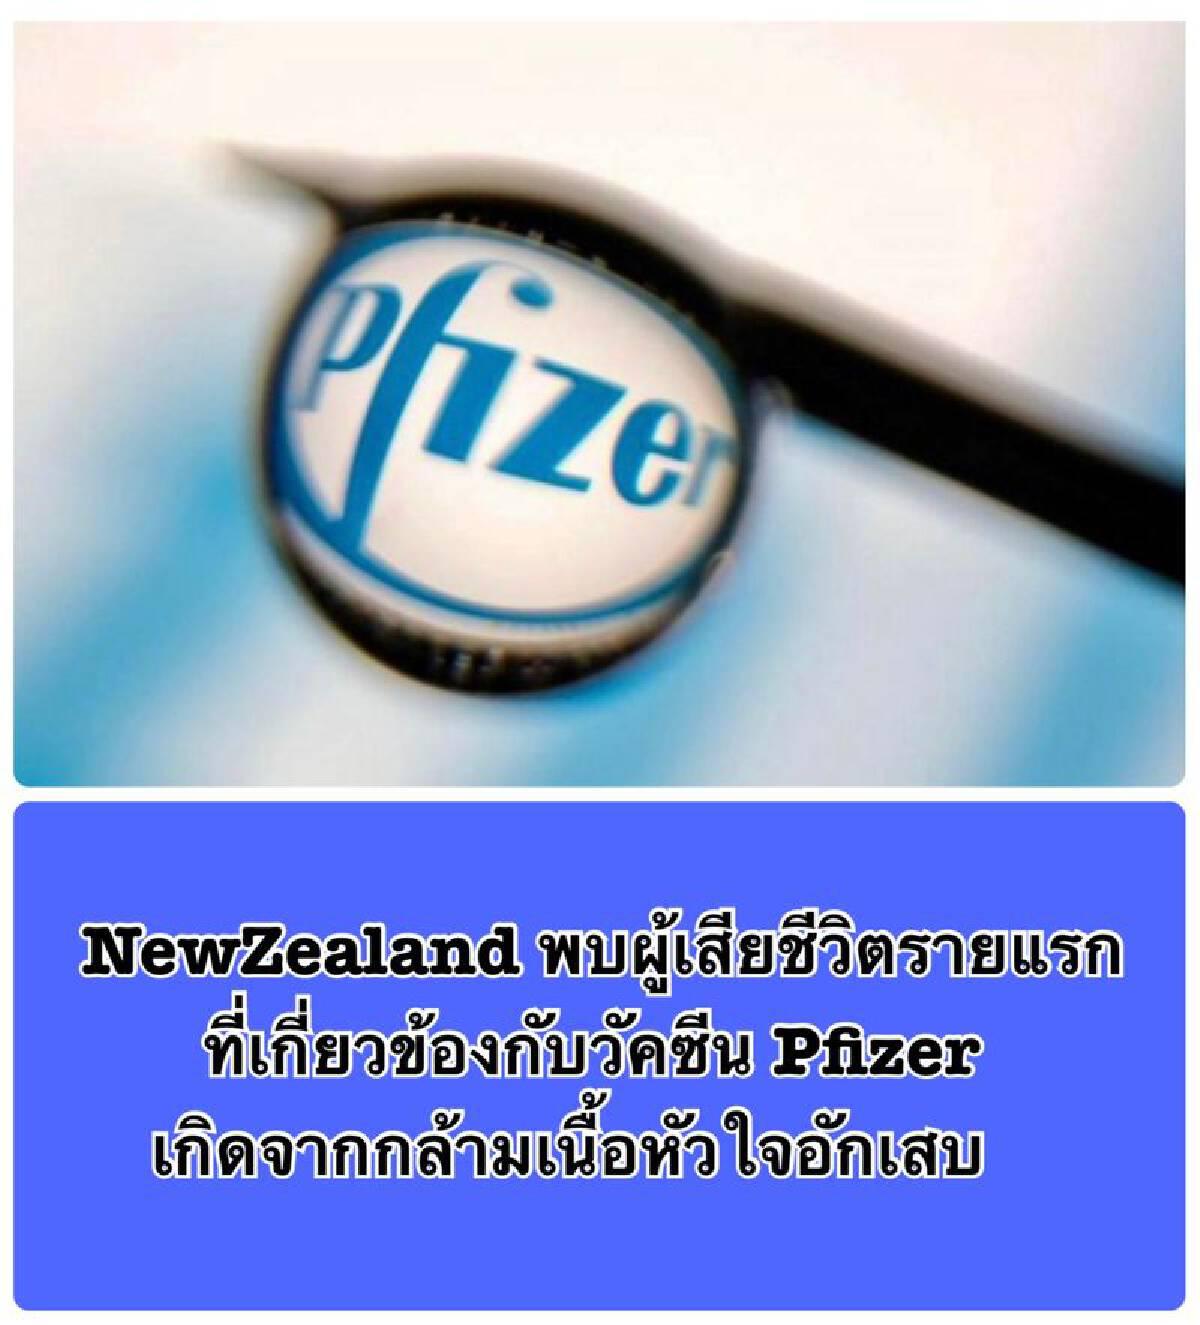 นิวซีแลนด์ มีผู้เสียชีวิตรายแรกหลังฉีด Pfizer. เหตุกล้ามเนื้อหัวใจอักเสบ